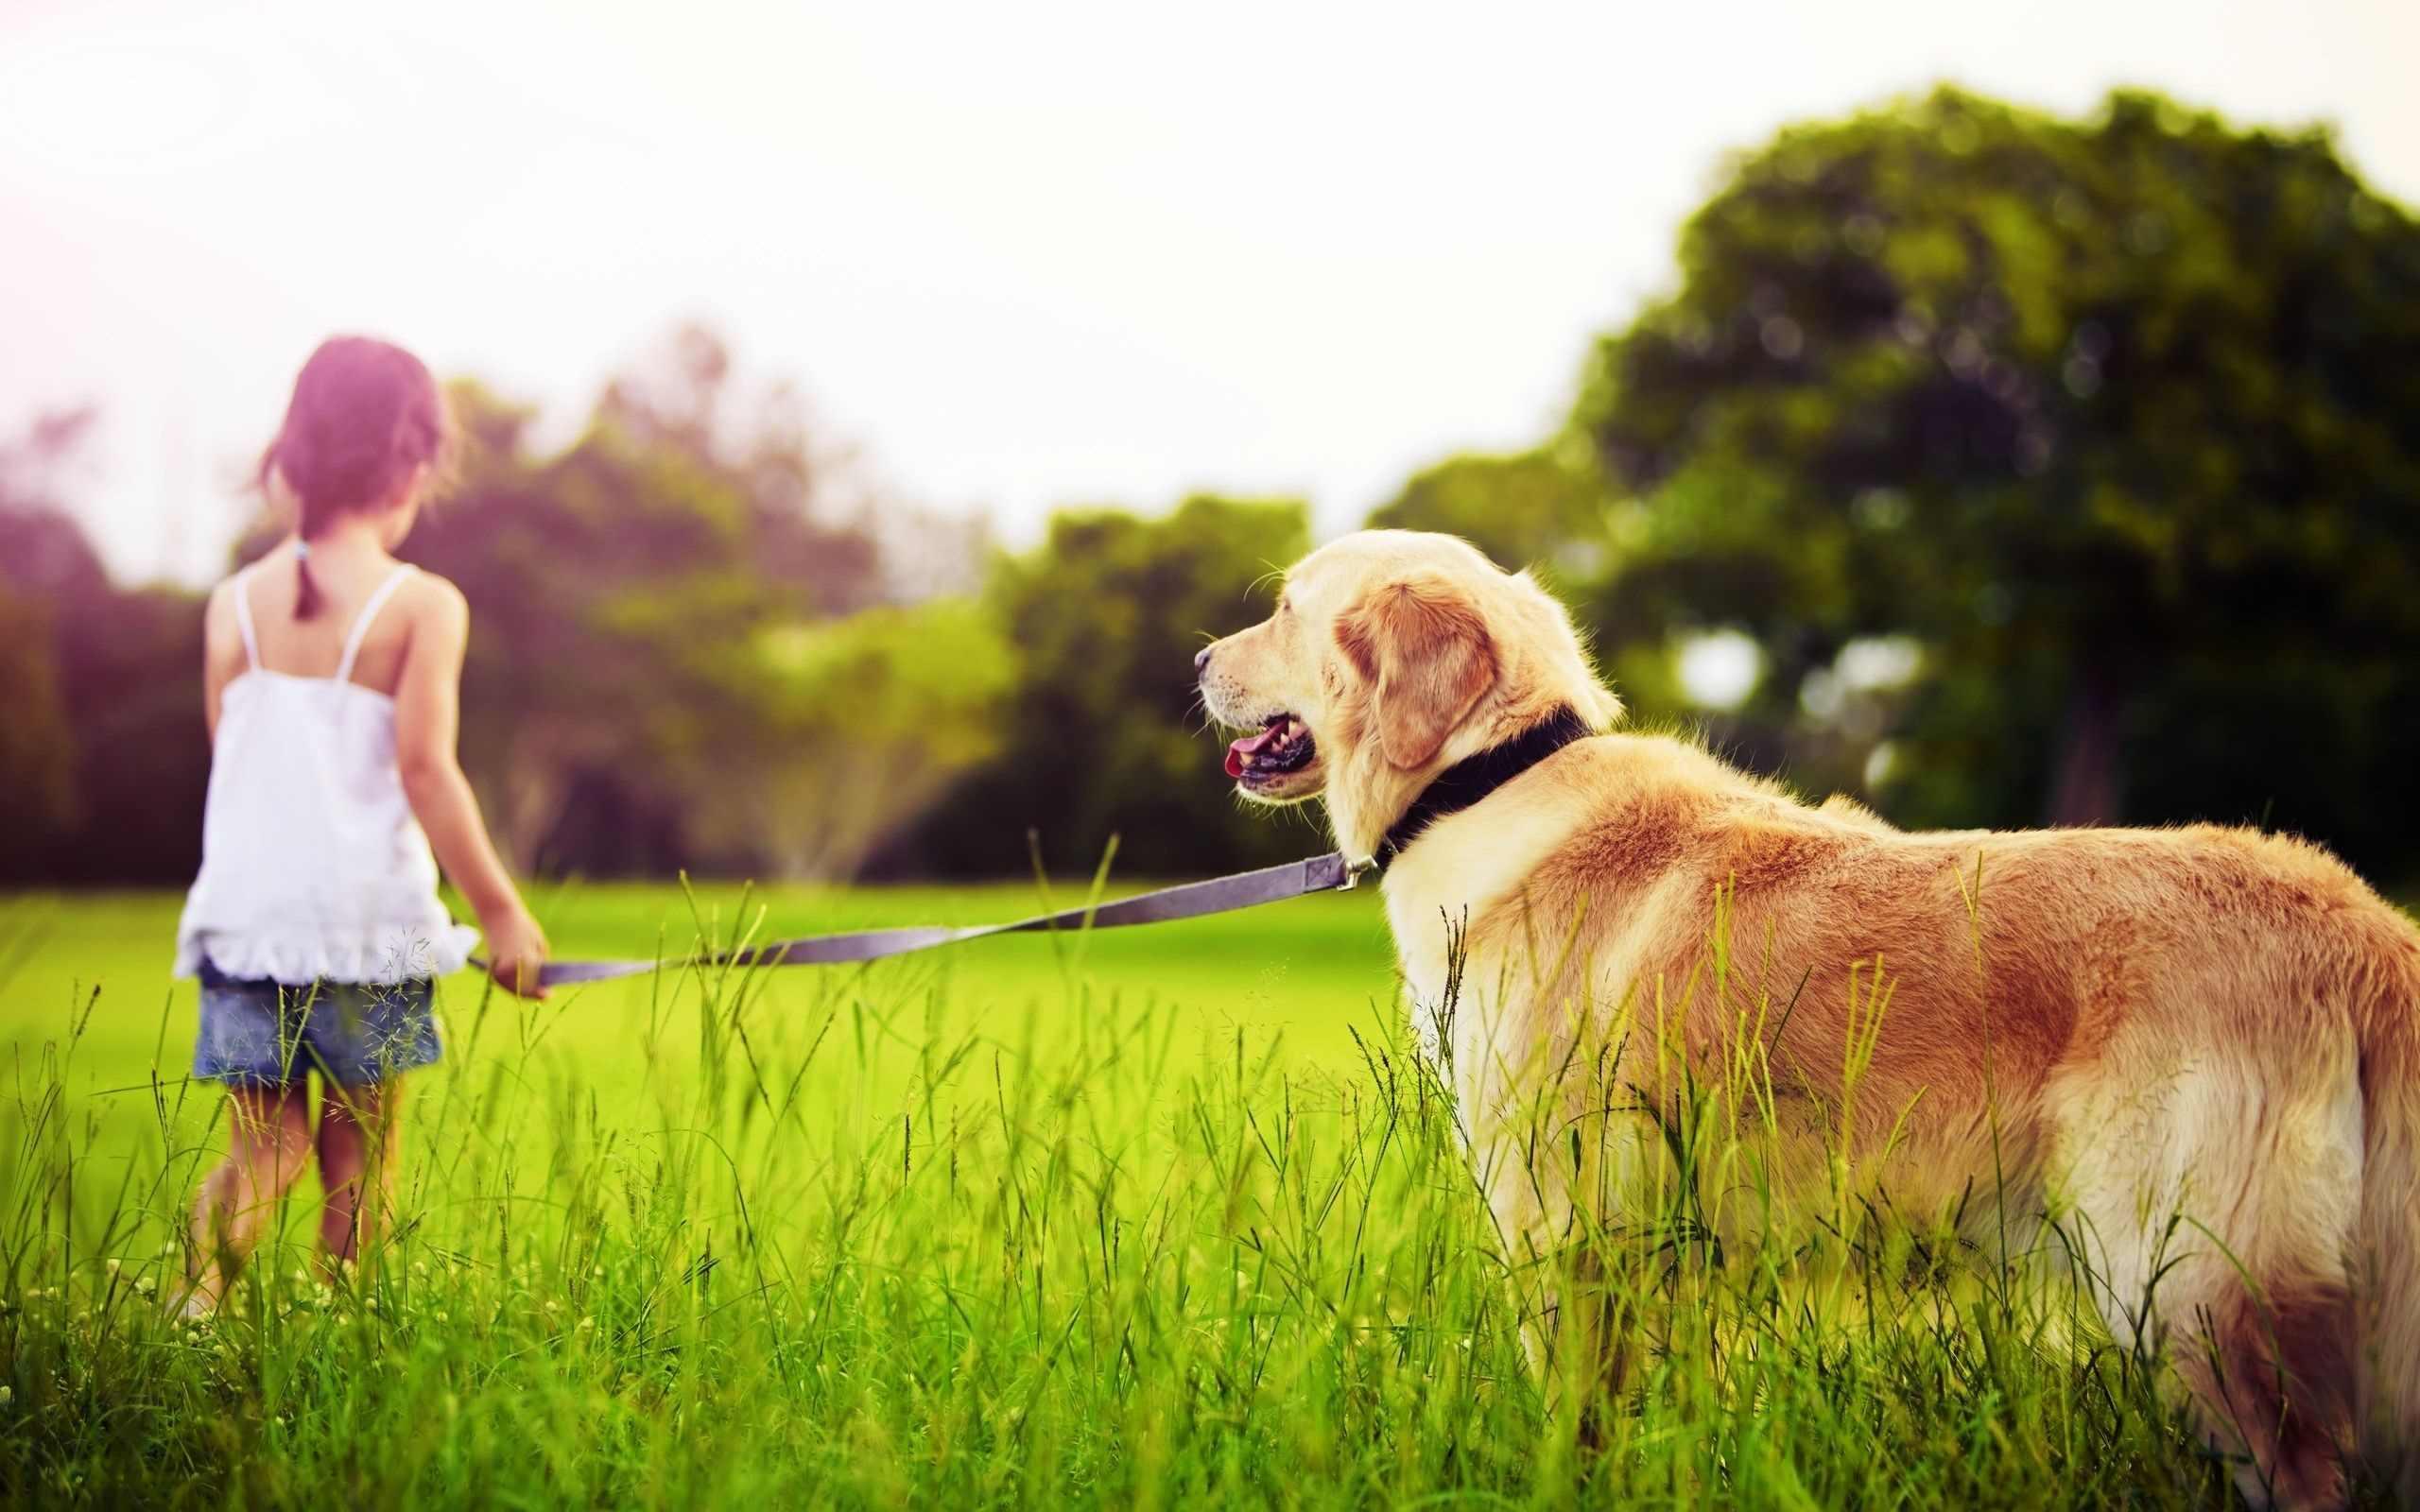 Прикольные картинки собак на прогулке 08